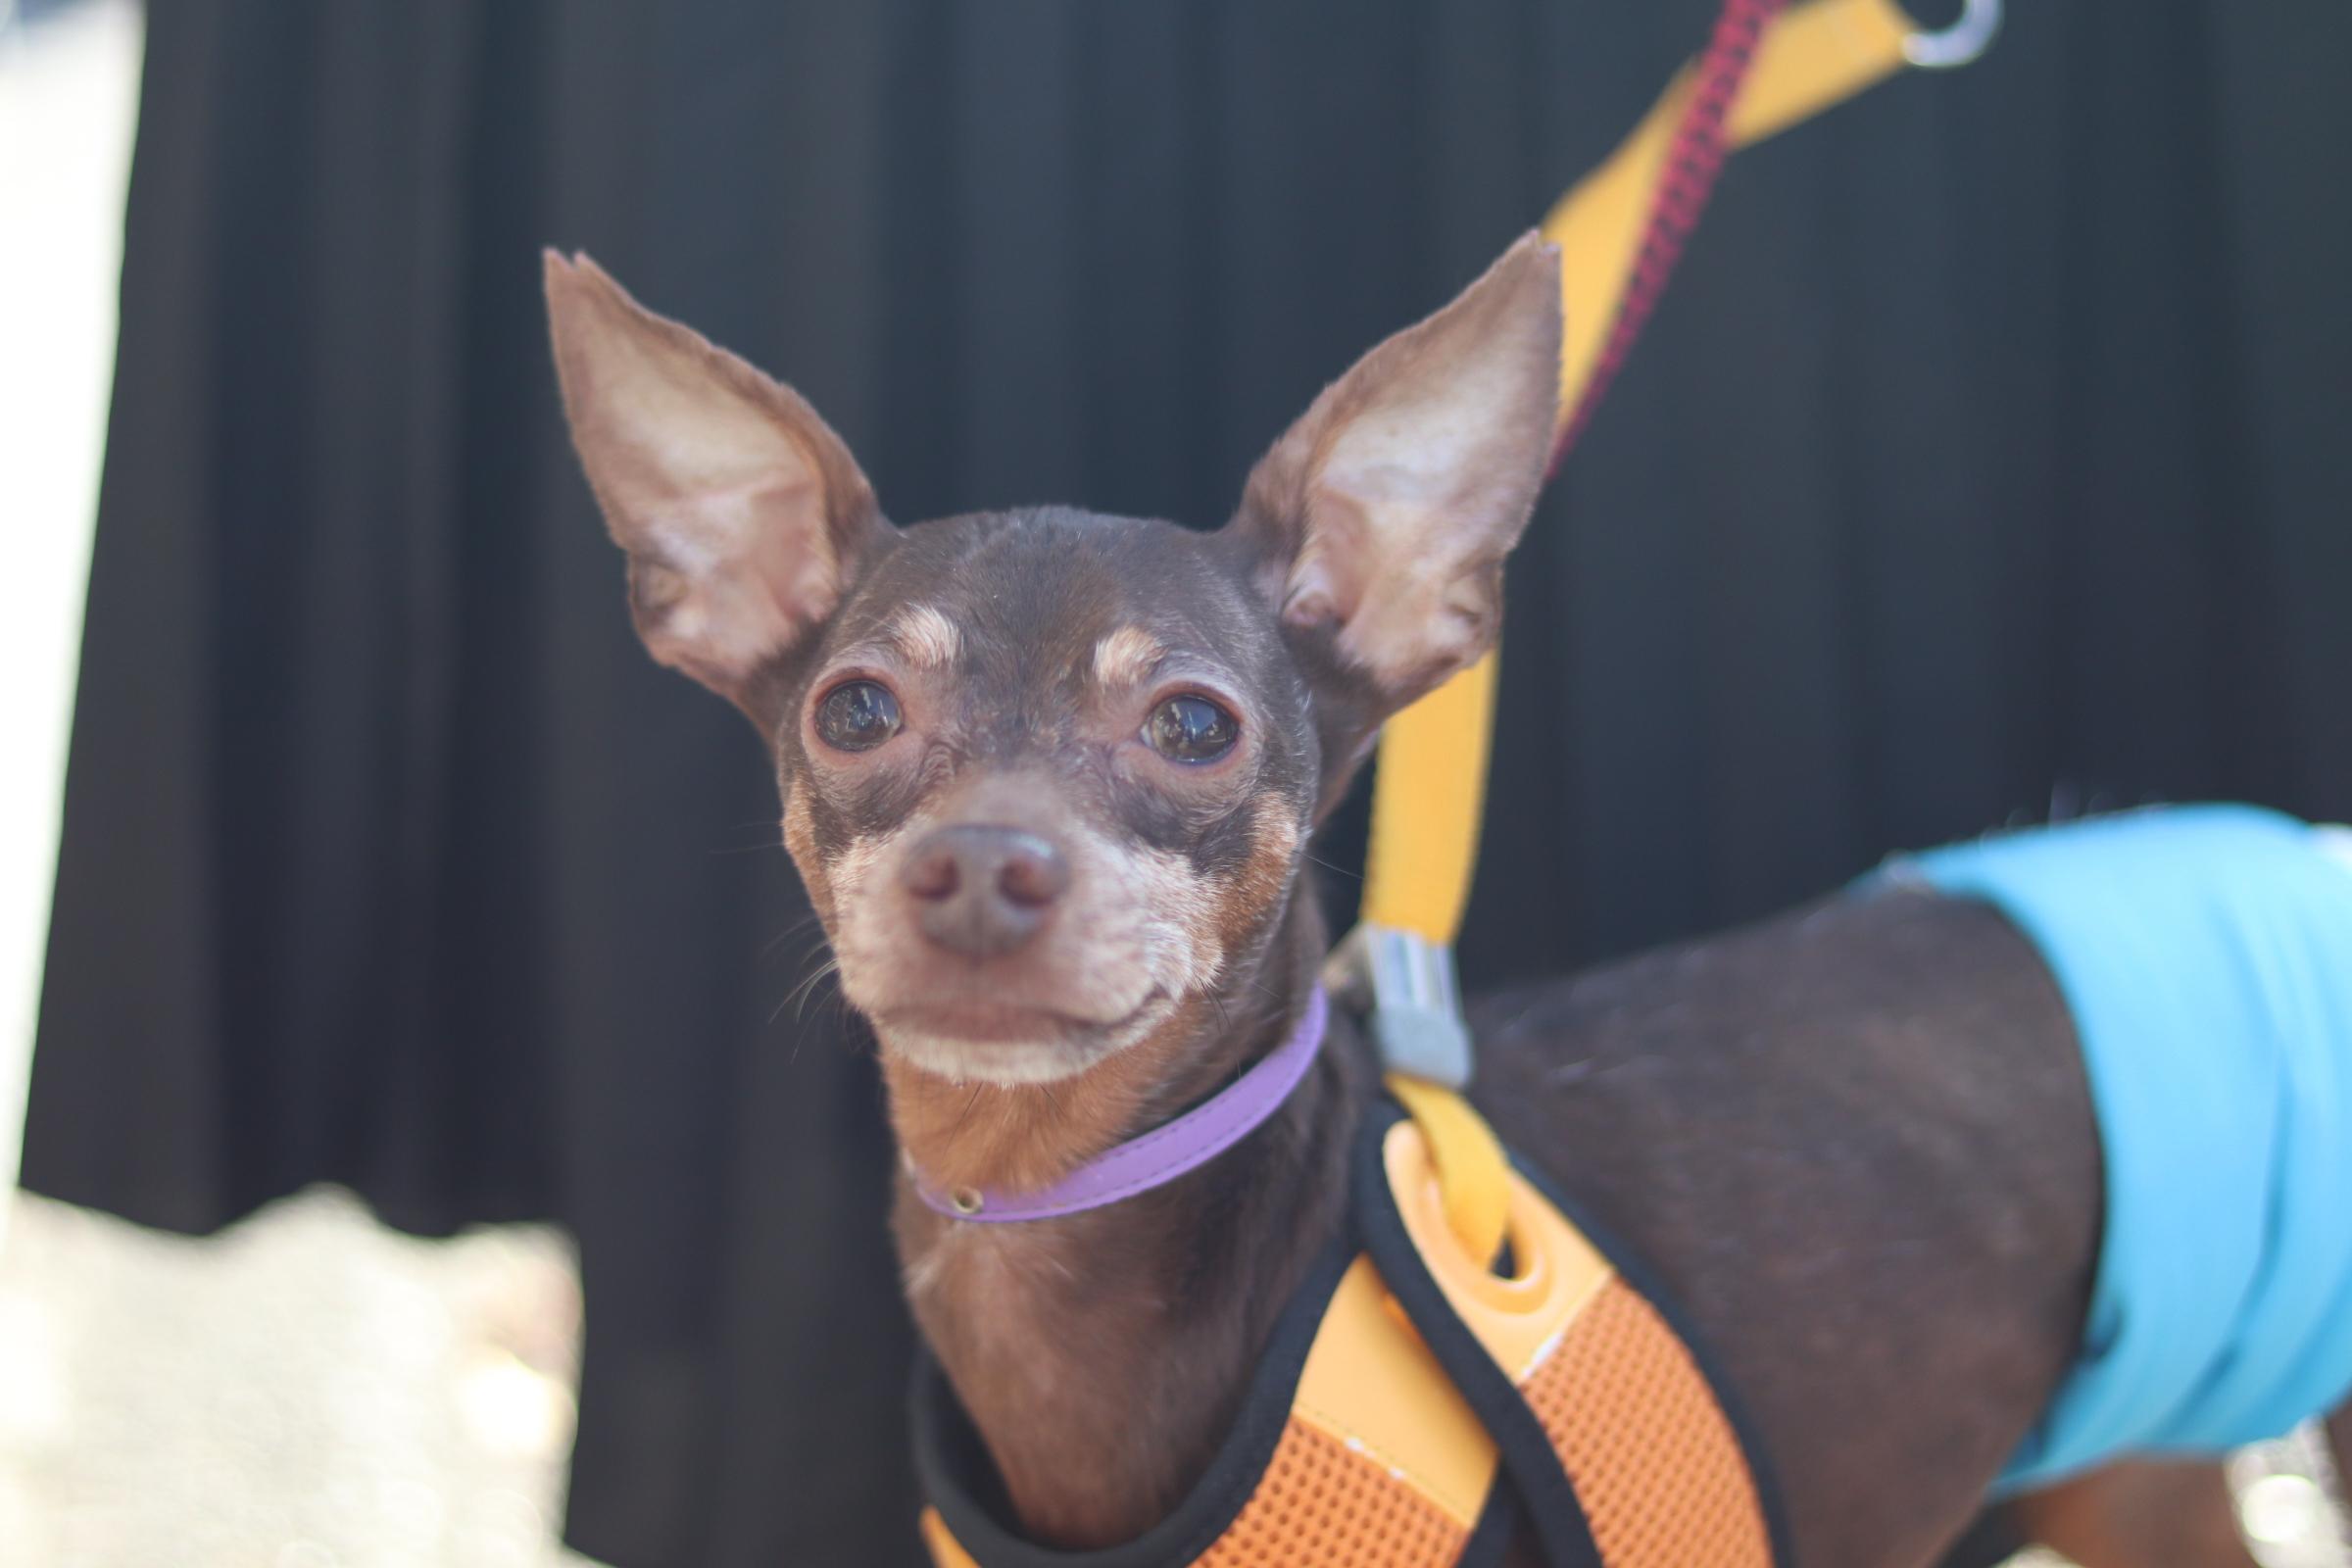 <ul> <li>犬種:ミニチュアピンシャー</li> <li>性別:男の子</li> <li>名前:こたろう</li> <li>年齢:2010年2月9日生まれ</li> <li>保護経緯:飼い主のライフスタイルの変化のため飼育困難</li> </ul>